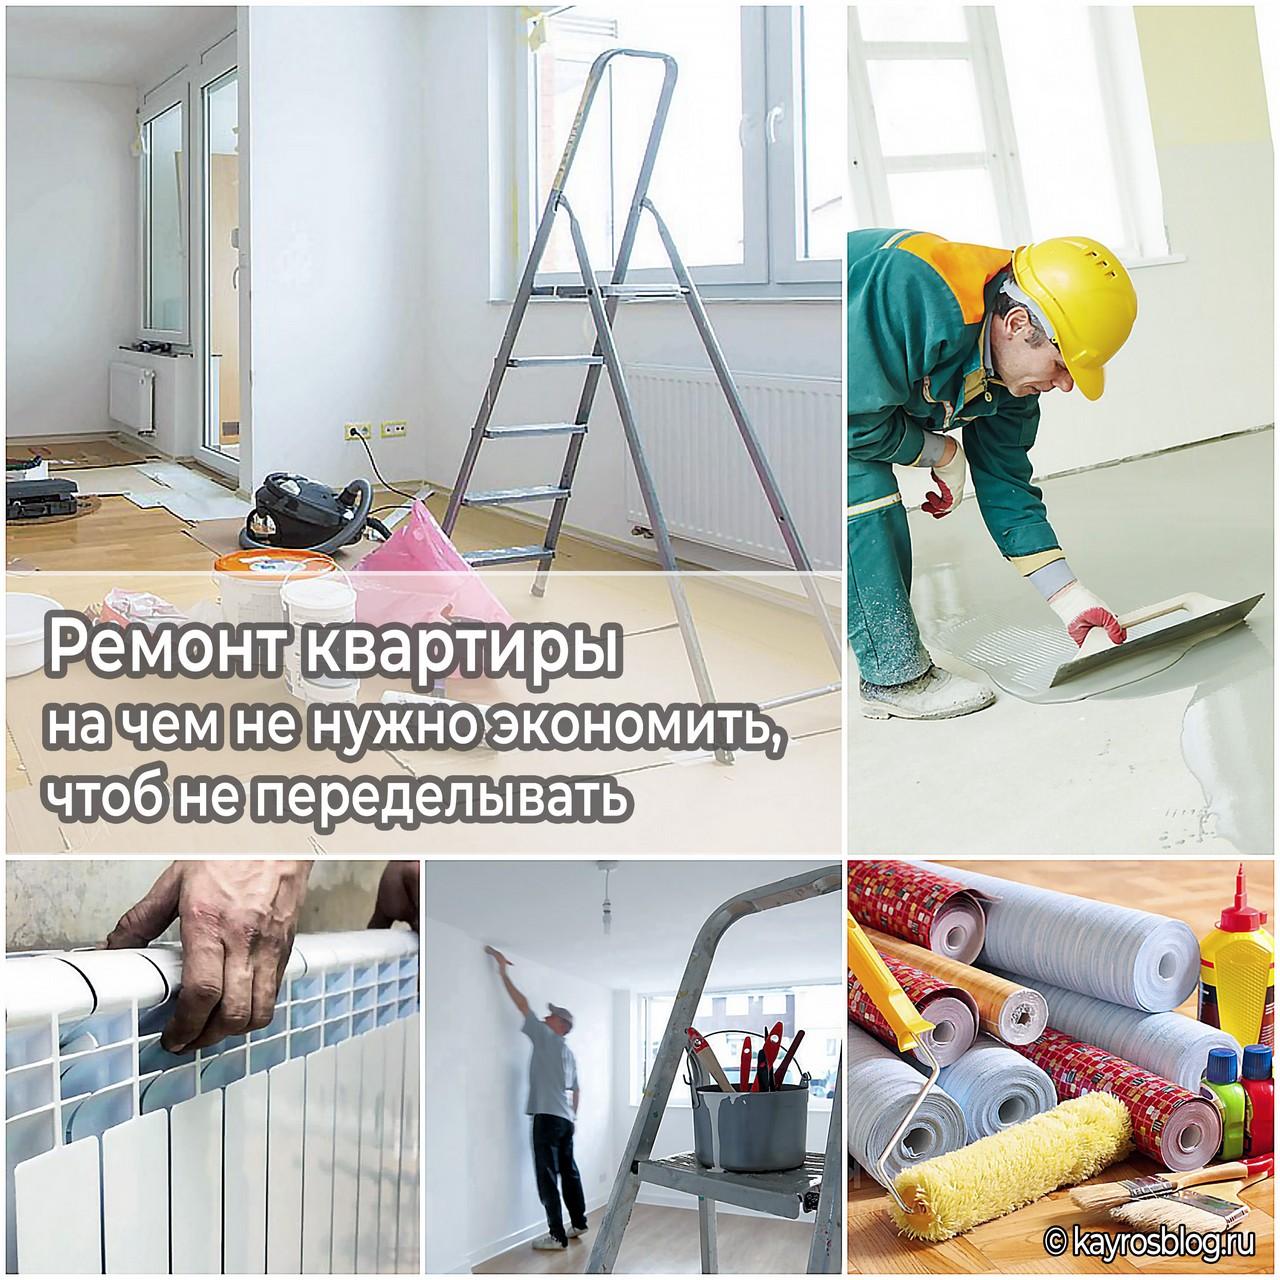 Ремонт квартиры - на чем не нужно экономить, чтоб не переделывать